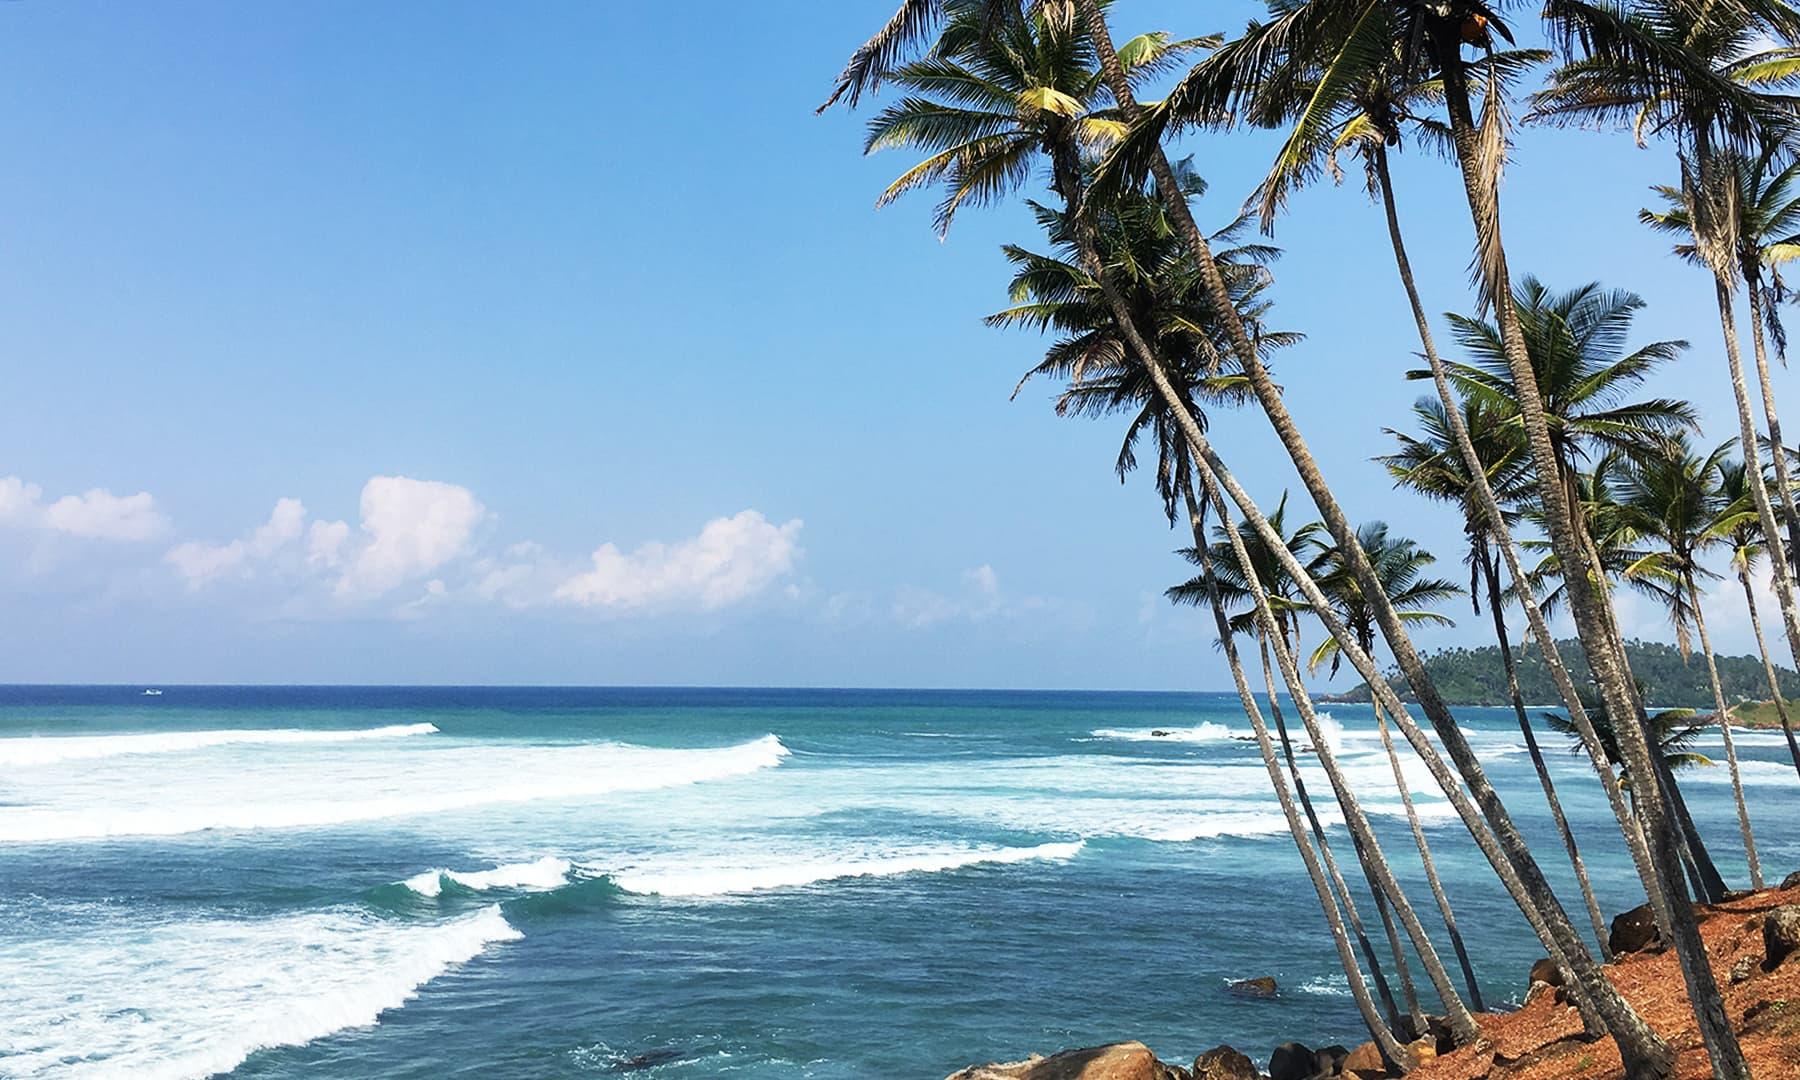 سمندری ہوا کے سازوں پر سر ہلاتے پپیتے، کیلے، ناریل اور پام کے درخت—تصویر امتیاز احمد